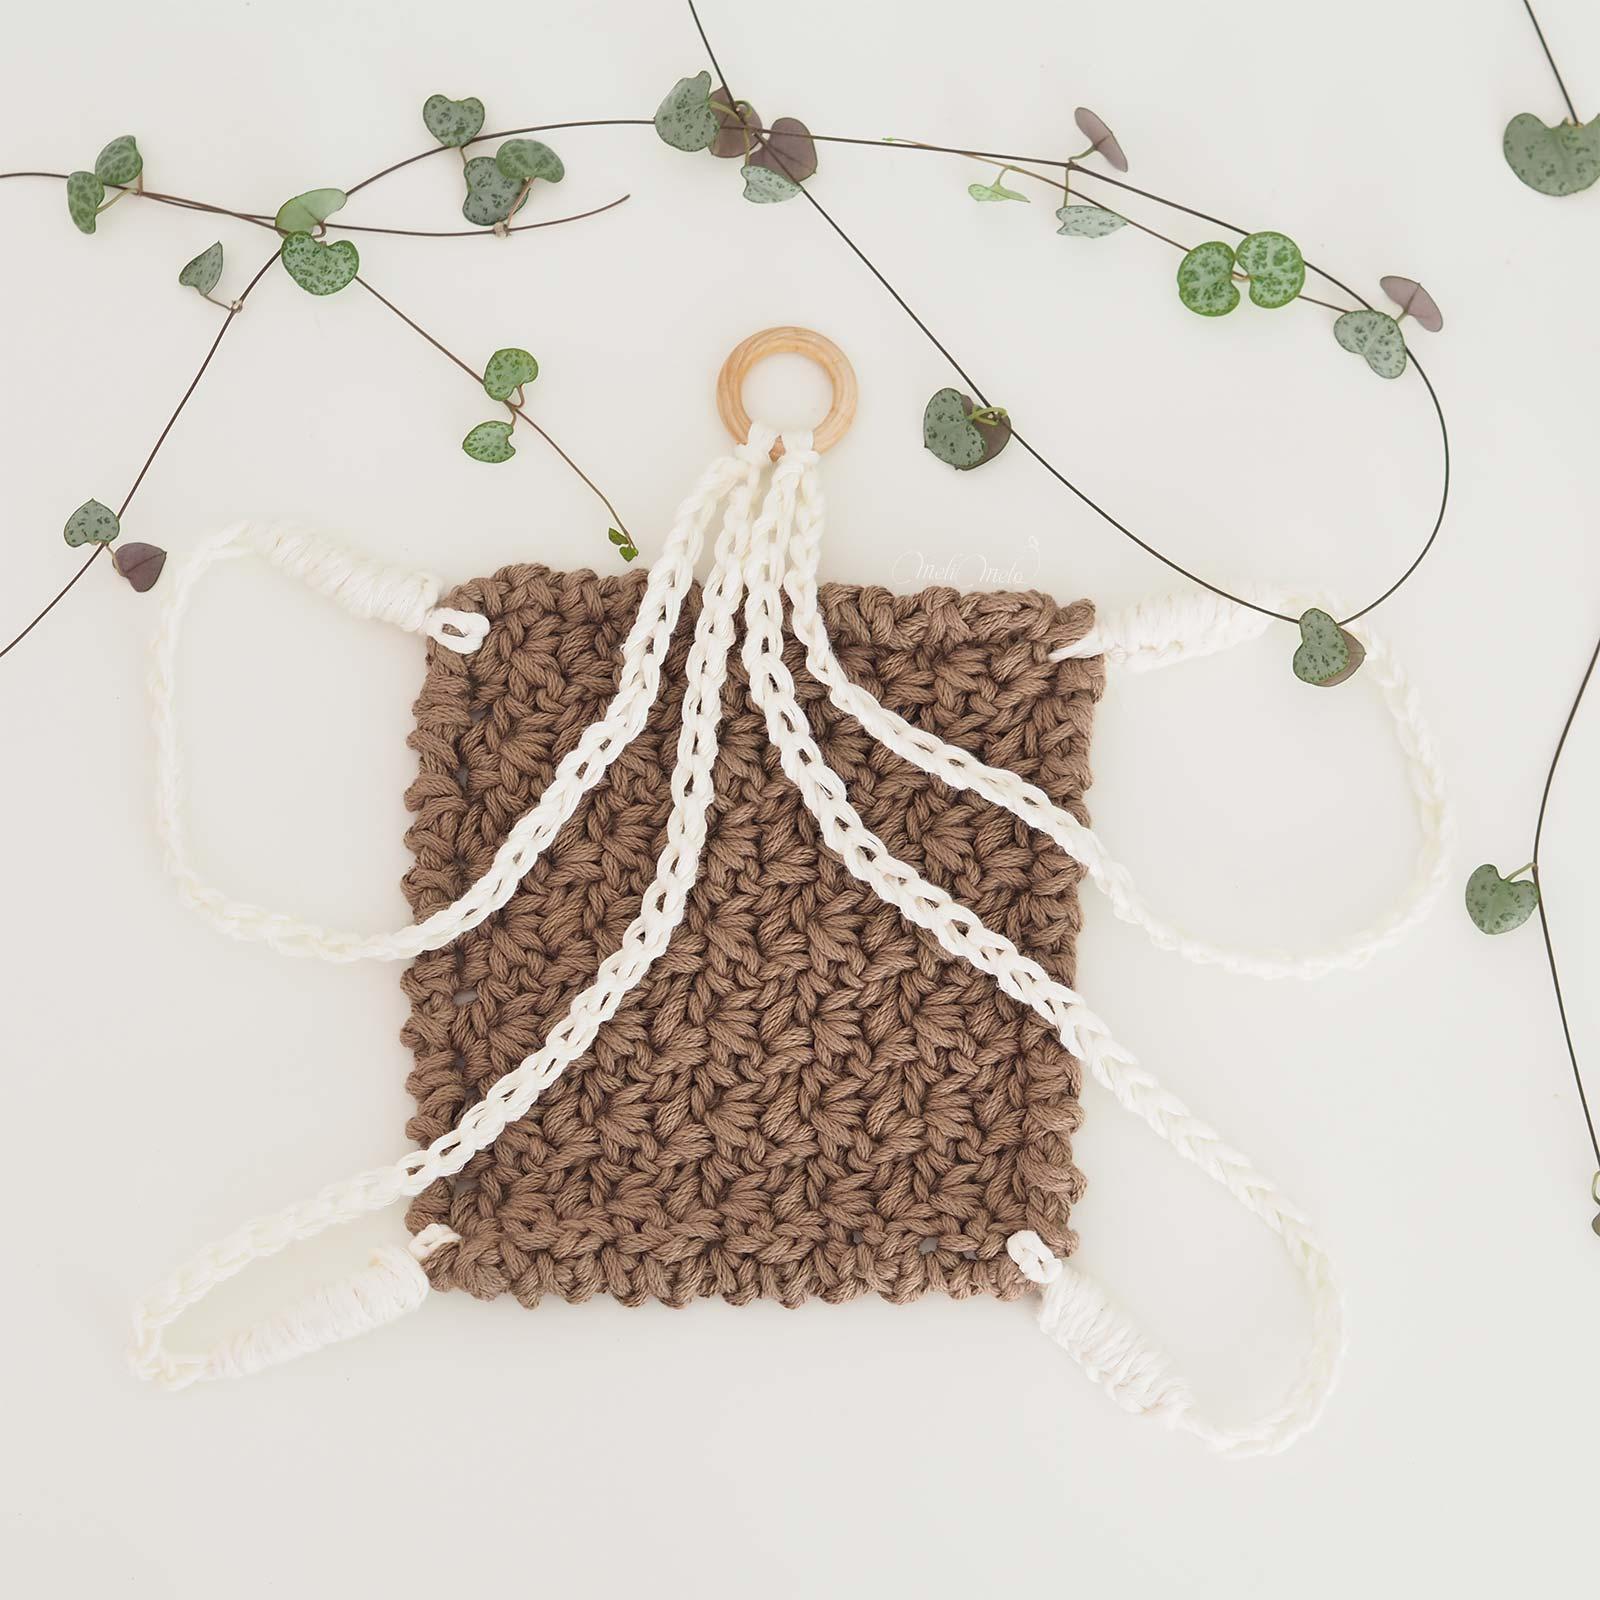 idee-diy-carre-durable-crochet-pour-suspension-plante-laboutiquedemelimelo